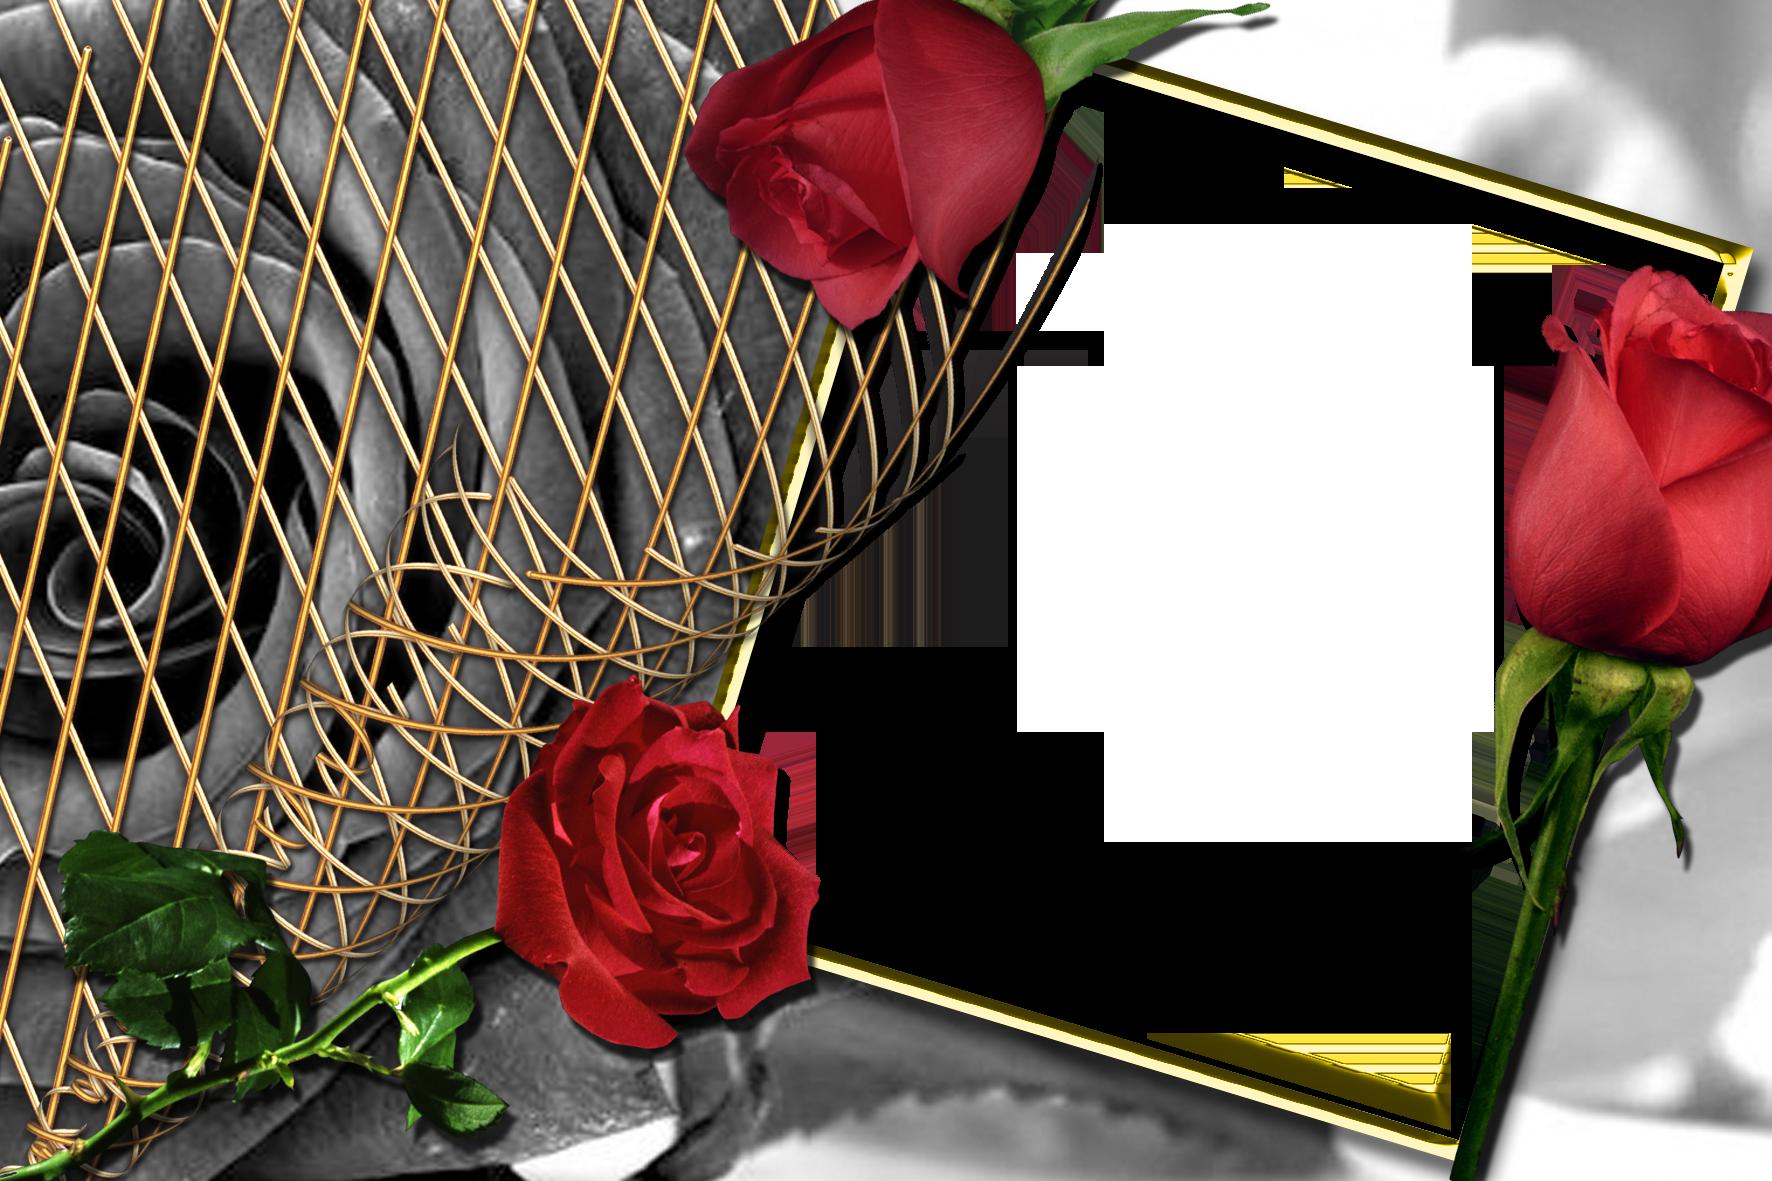 Khung ảnh hoa hồng dùng trong Photoshop